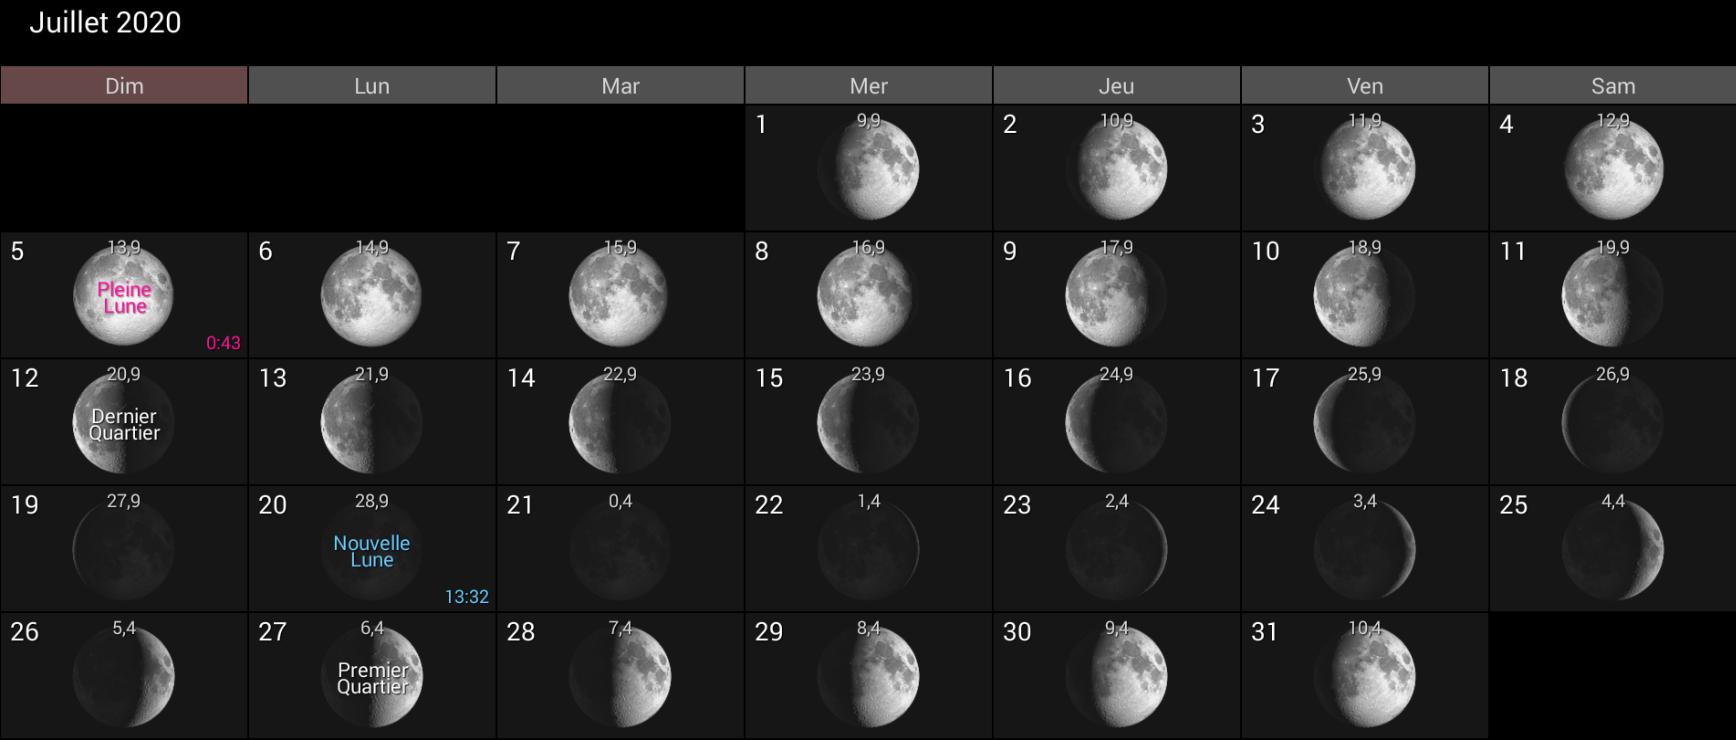 Calendrier Lune 2020.Ephe Juillet 2020 Societe D Astronomie Du Planetarium De